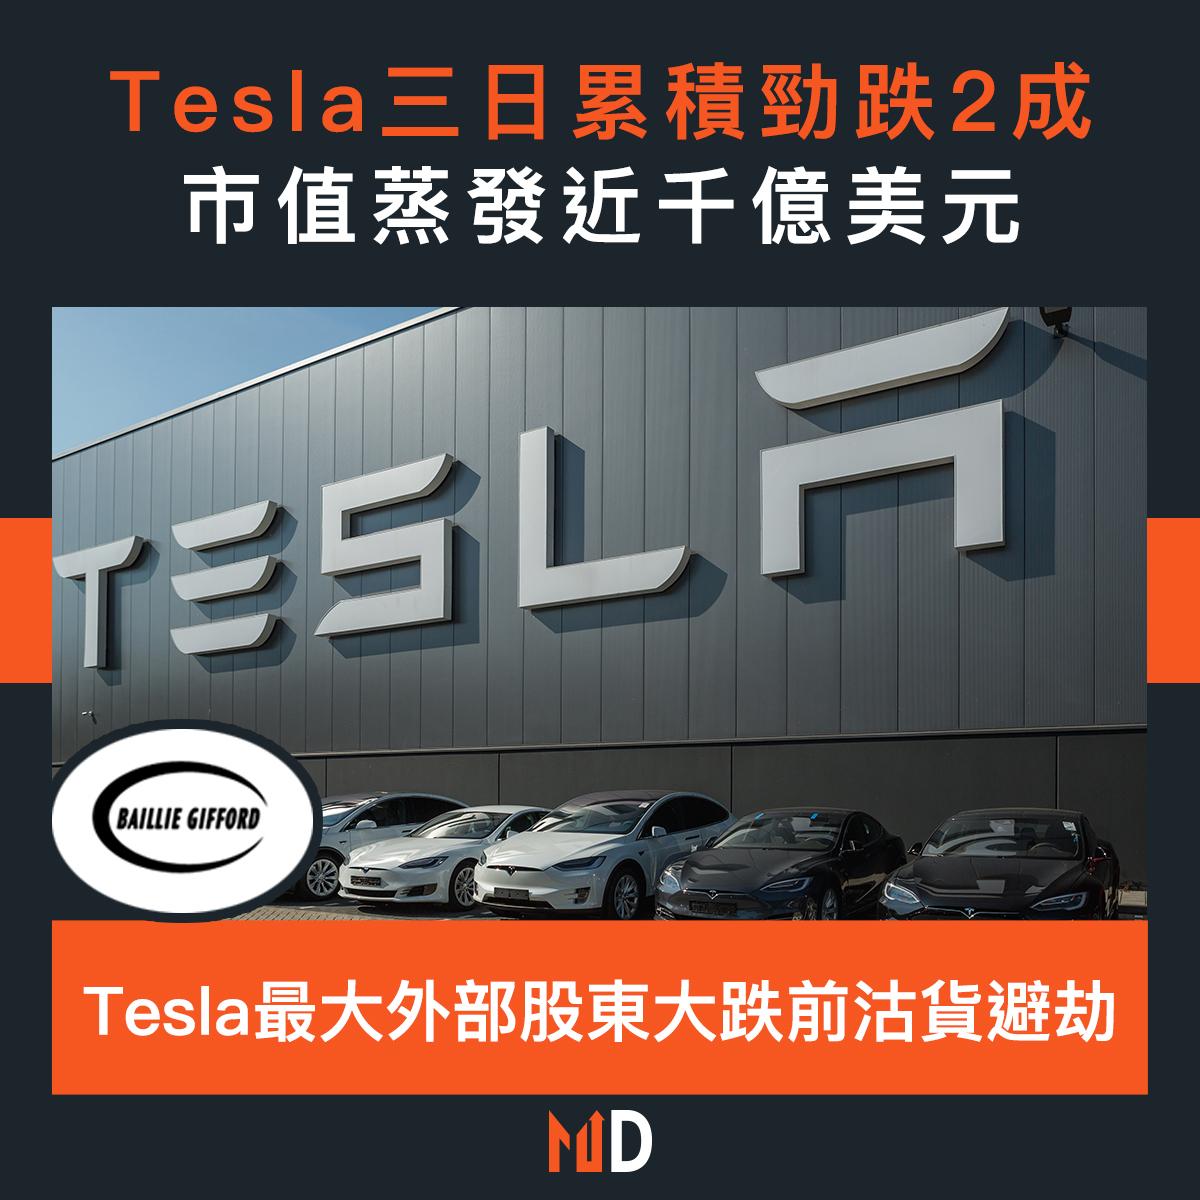 【市場熱話】Tesla三日累積勁跌2成,市值蒸發近千億美元